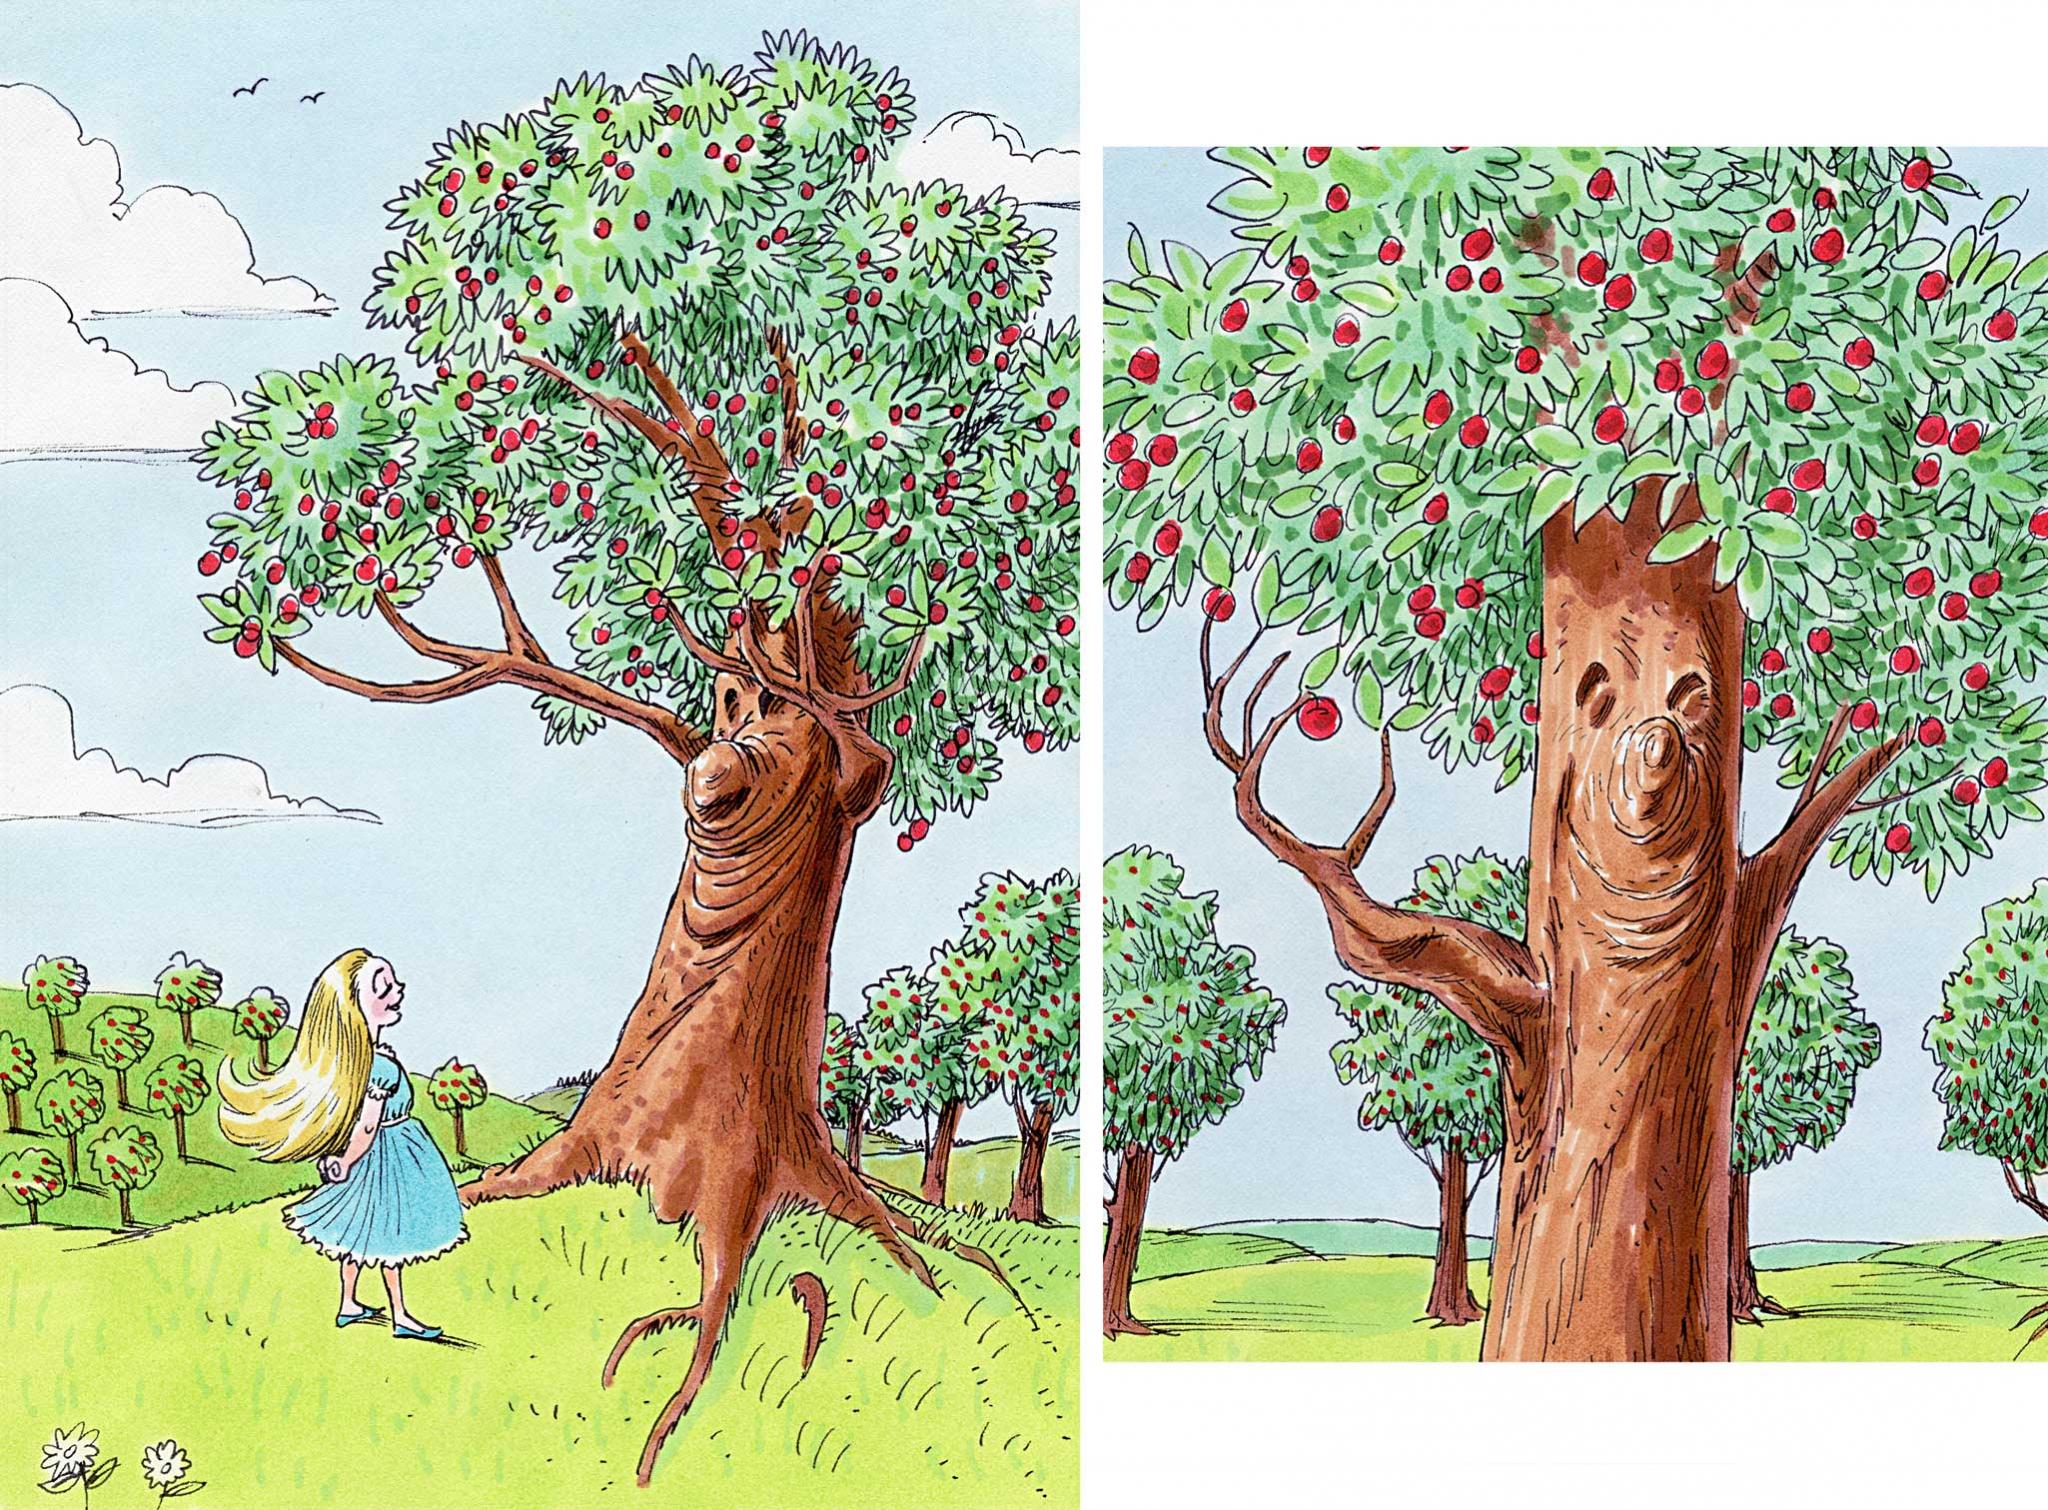 KH3017-6-7-fairy-tale-tree-girl